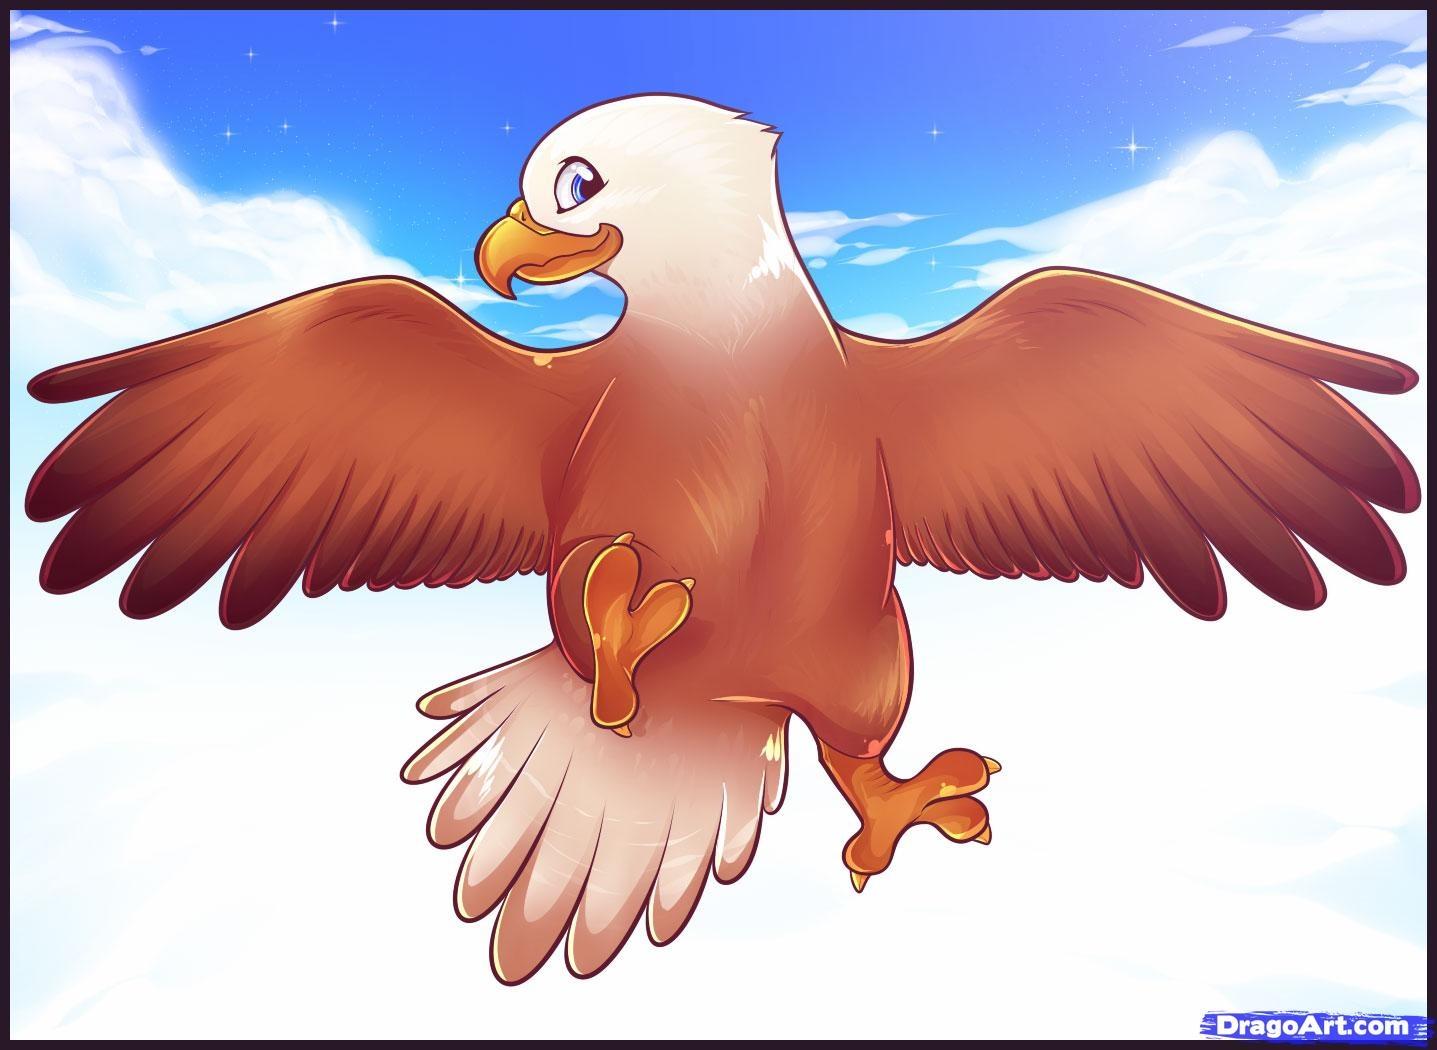 Орел картинки для детей, всего сердца